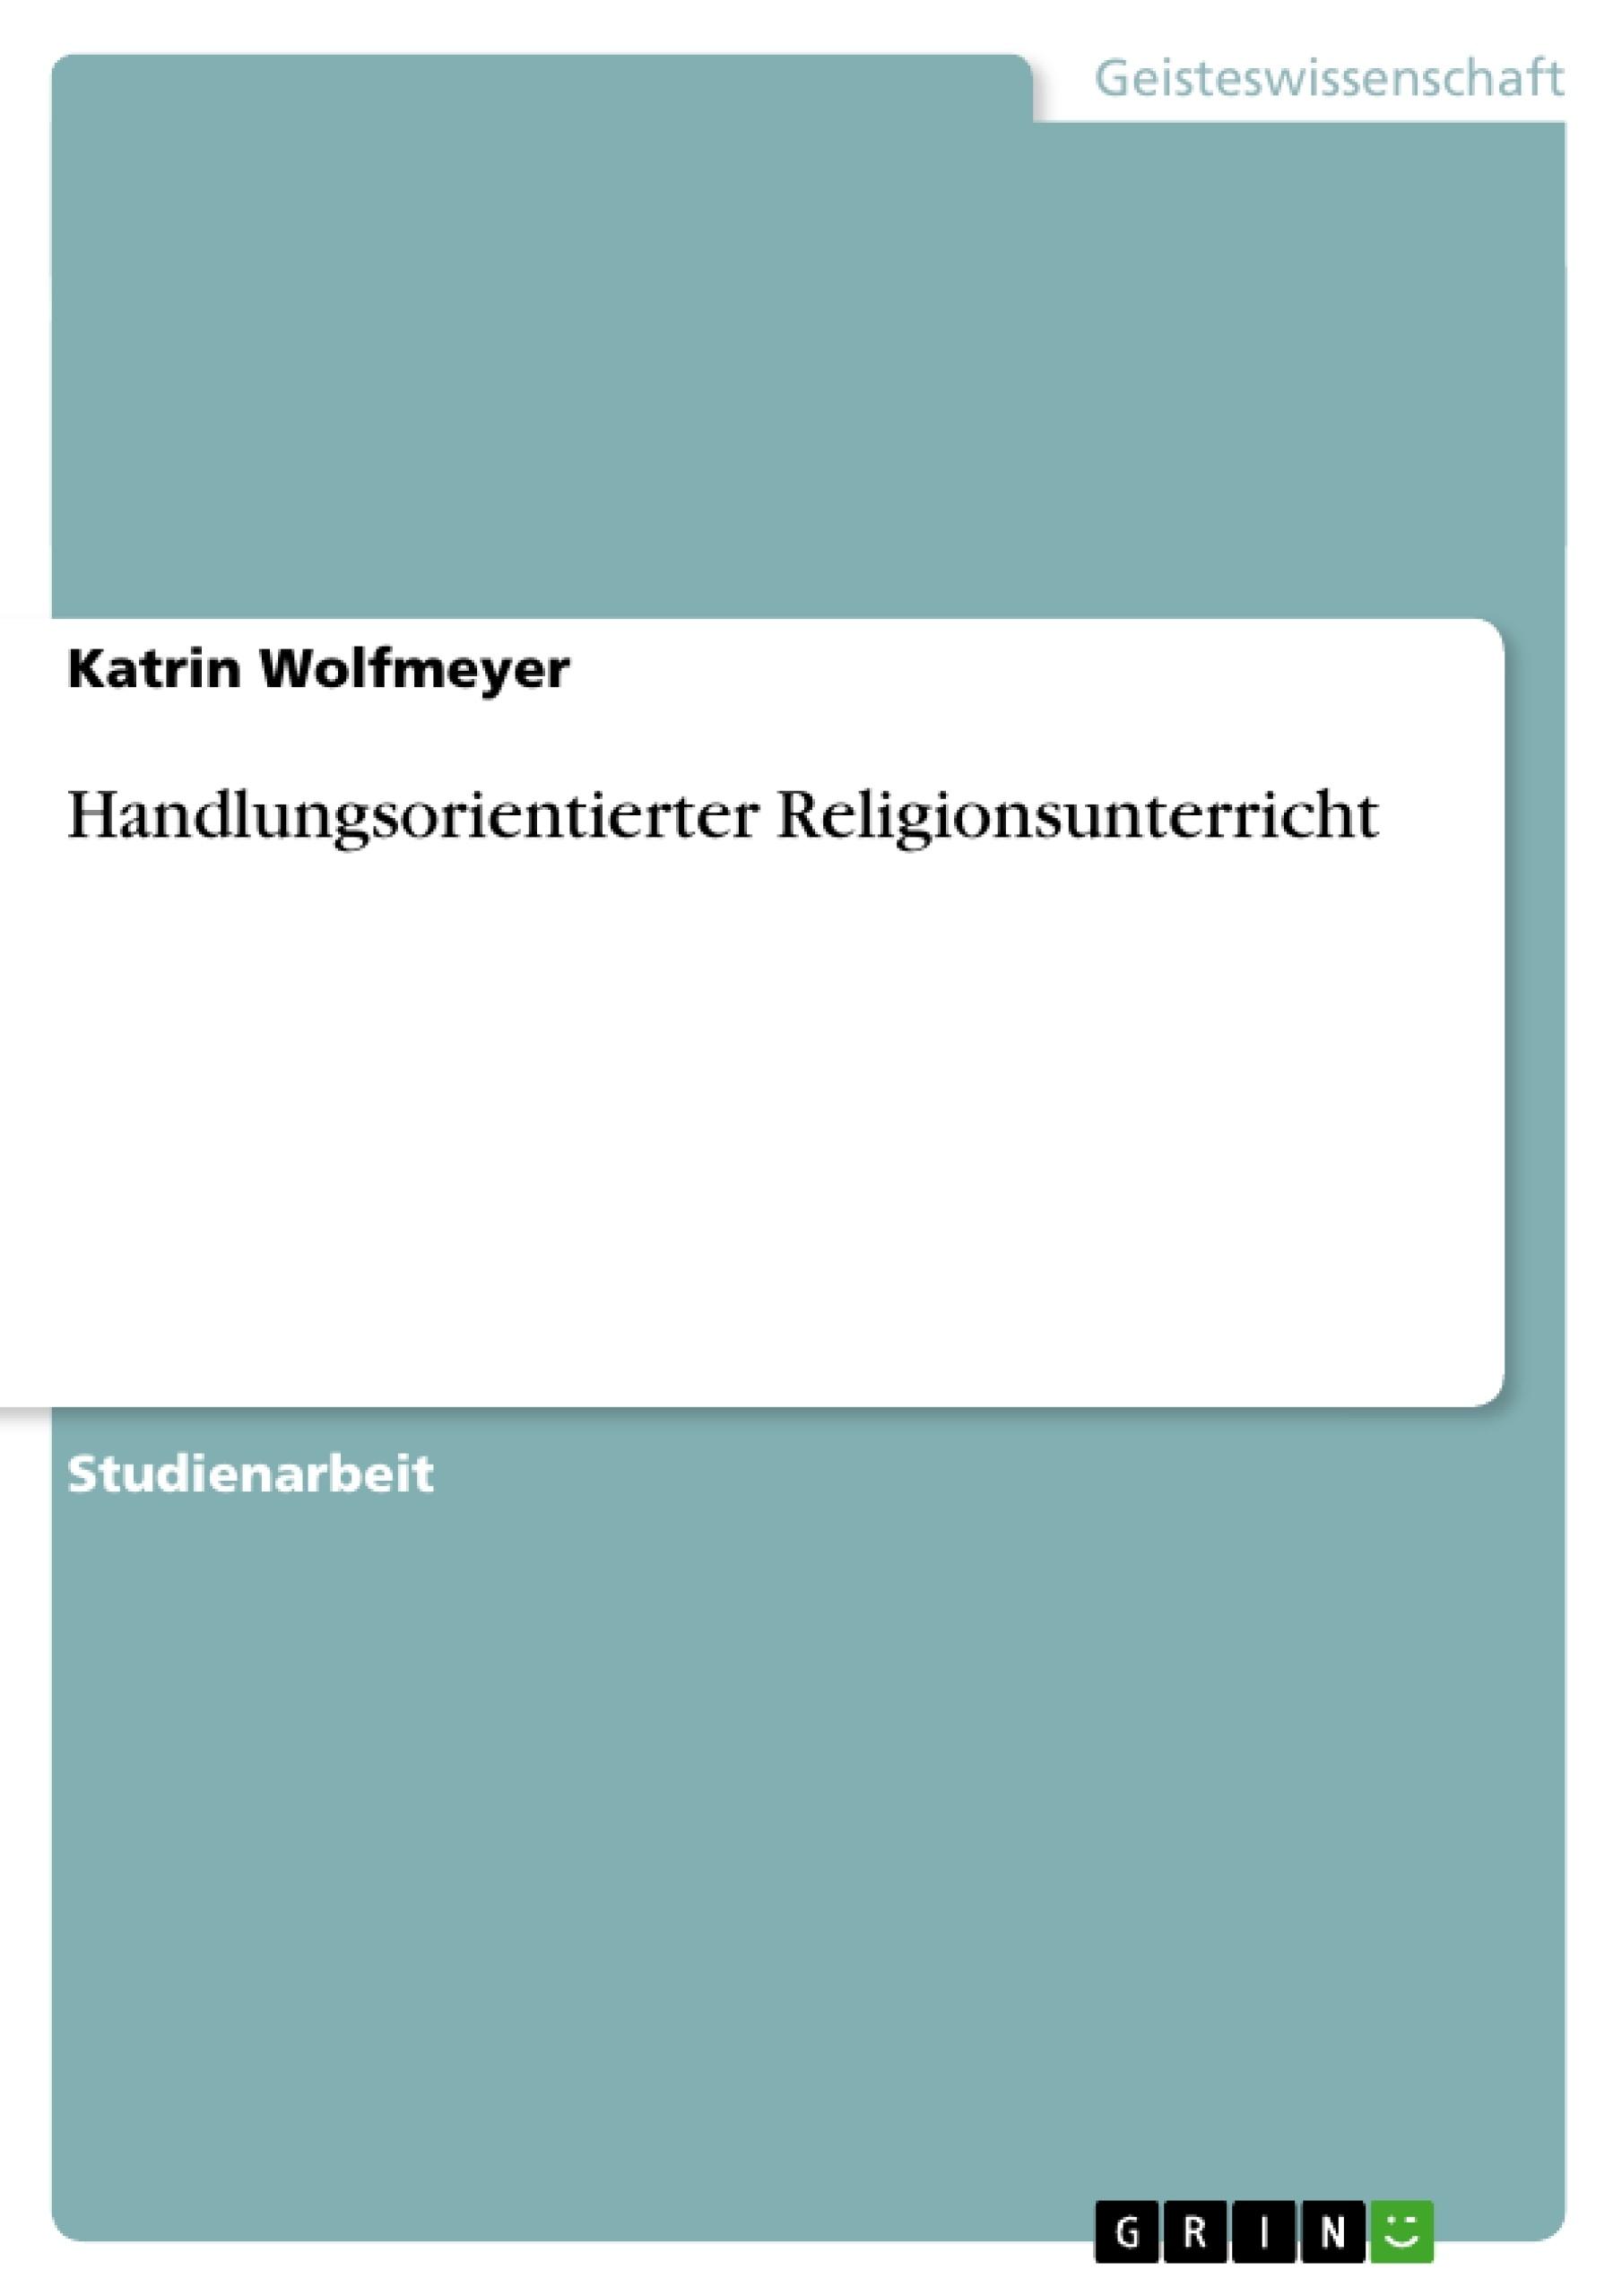 Titel: Handlungsorientierter Religionsunterricht